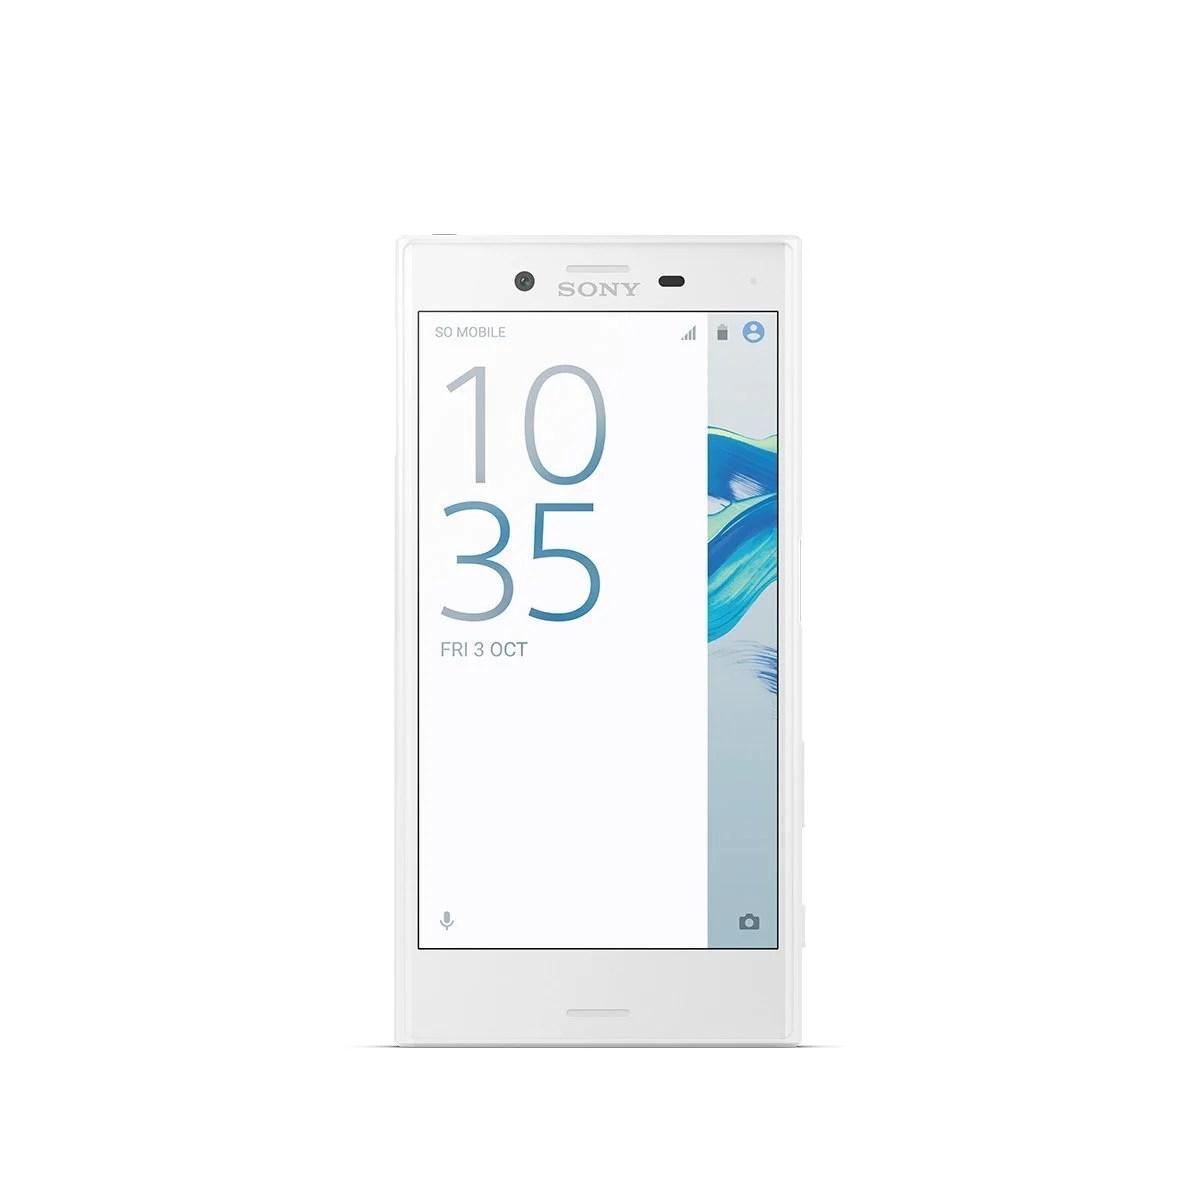 🔥 Bon plan : le Sony Xperia X Compact est disponible à 279 euros sur Amazon